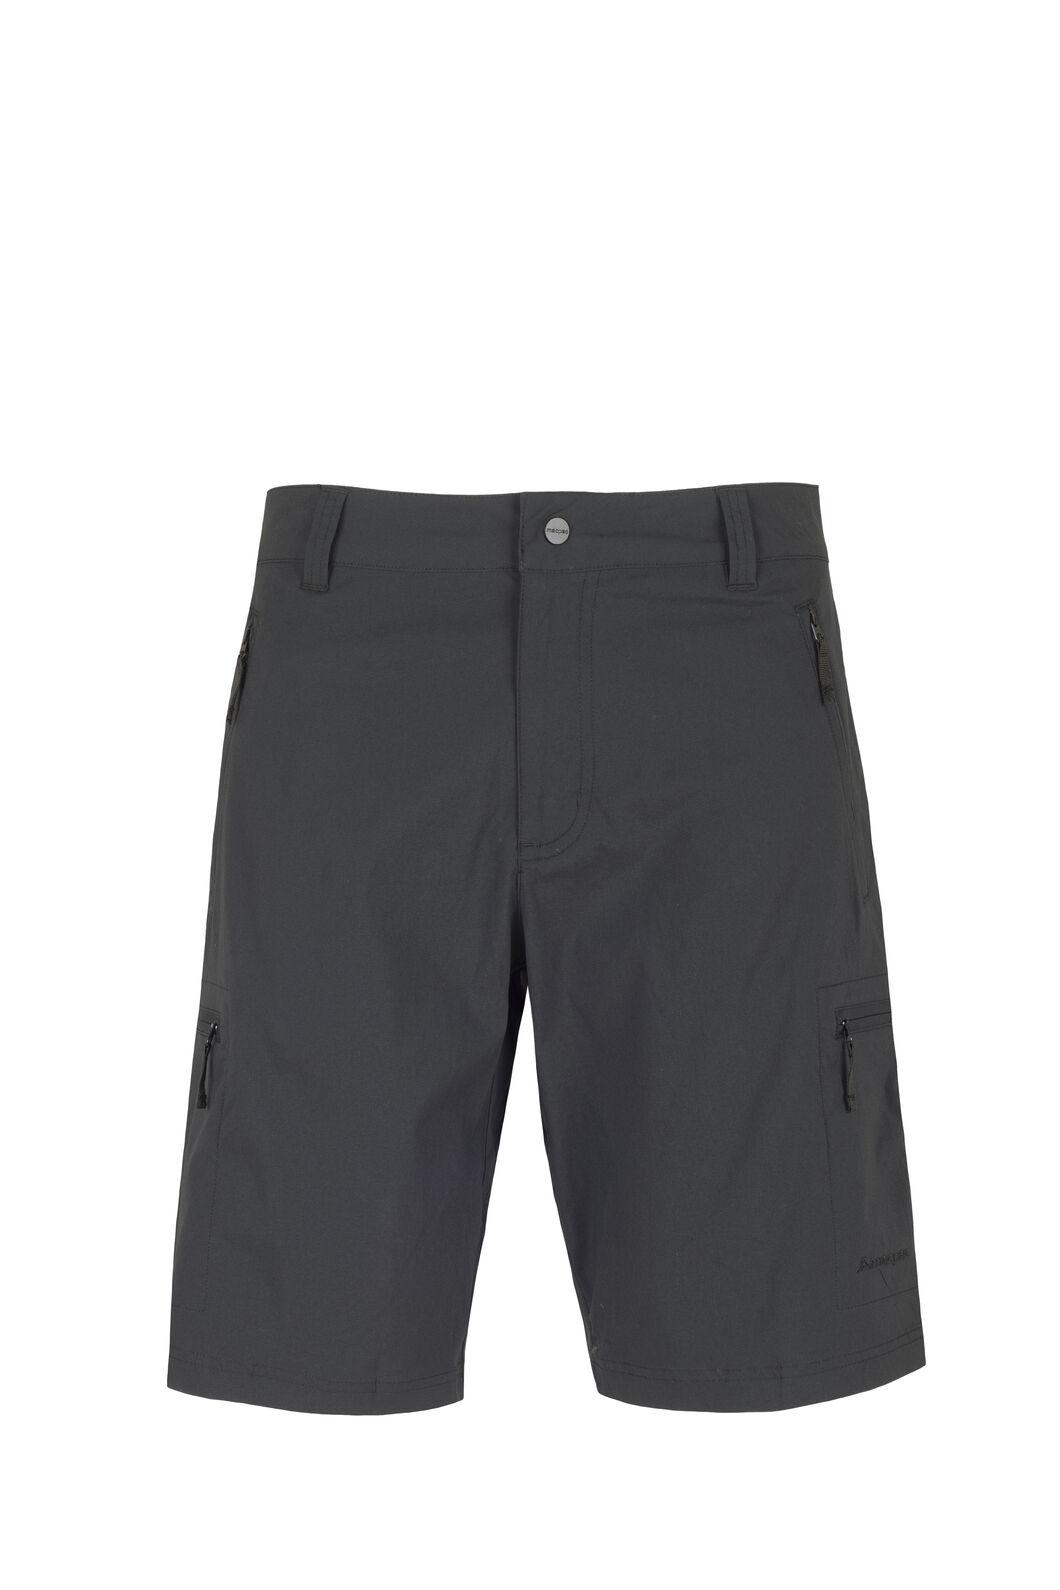 Macpac Drift Shorts - Men's, Black, hi-res